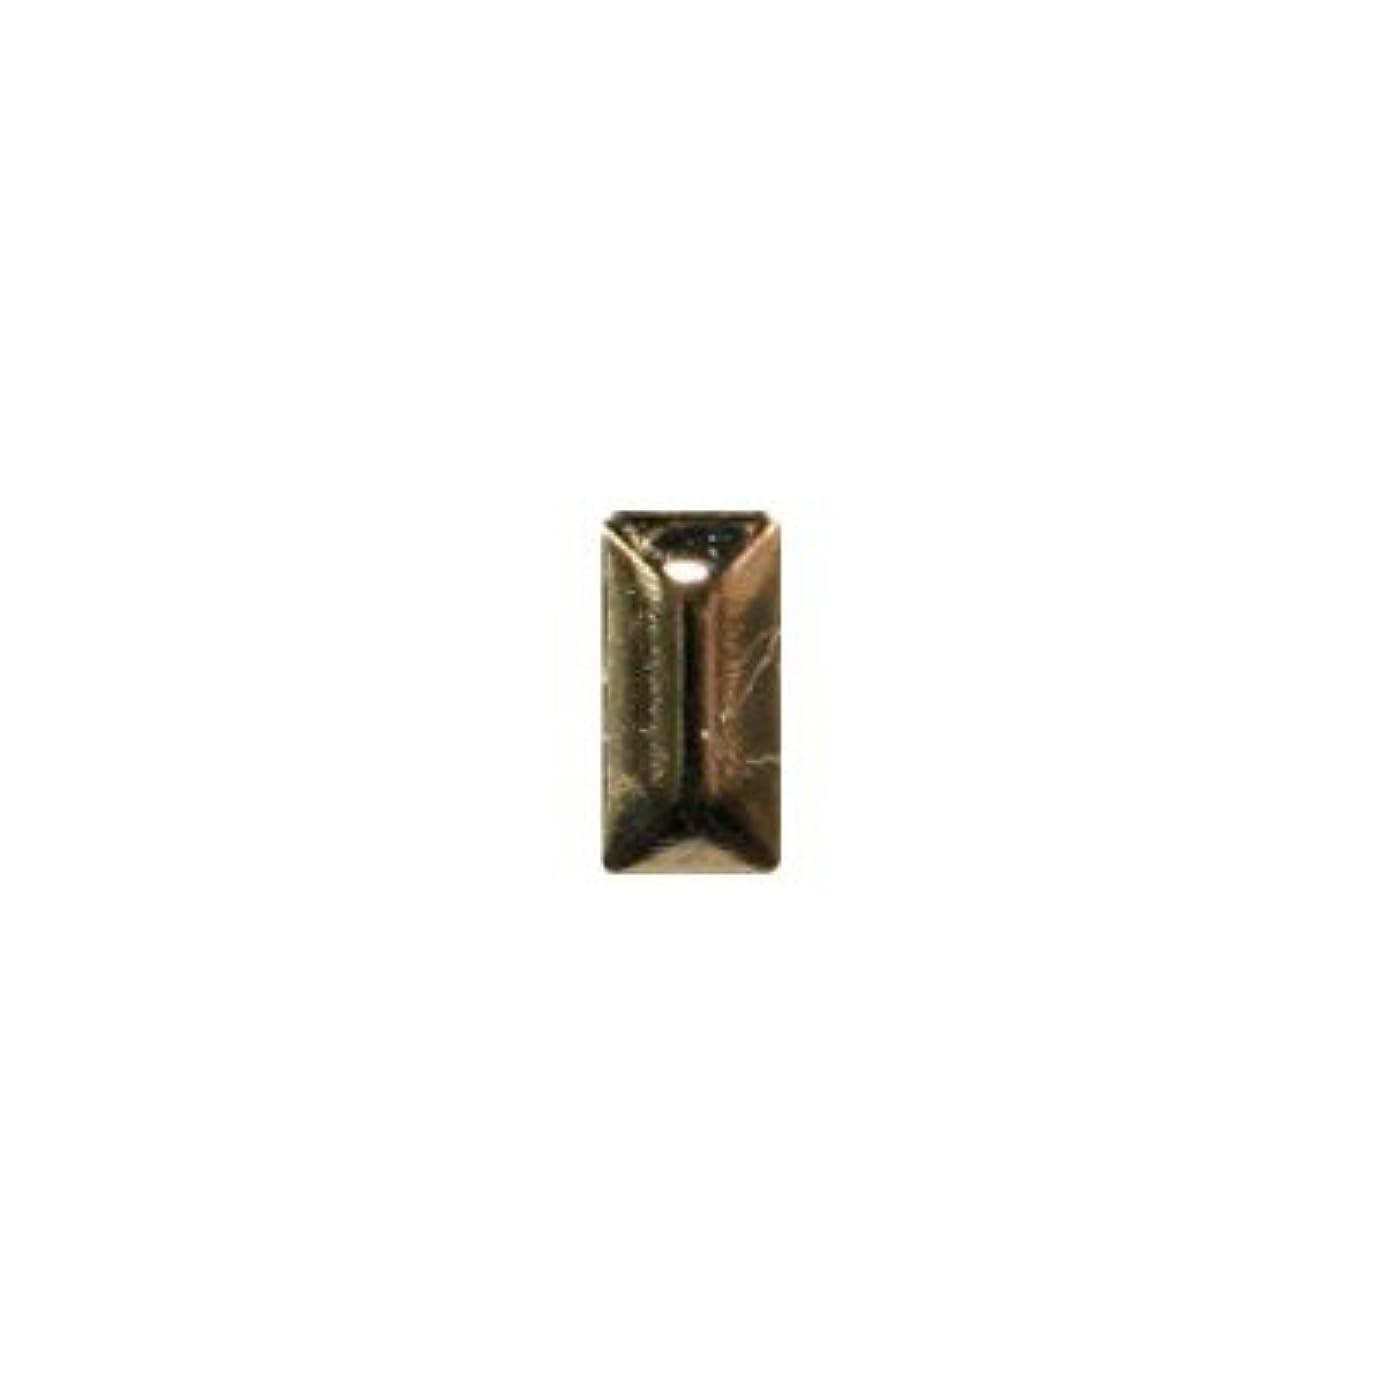 なめる受賞ジェムピアドラ スタッズ メタル長方形 2×4mm 50P ゴールド